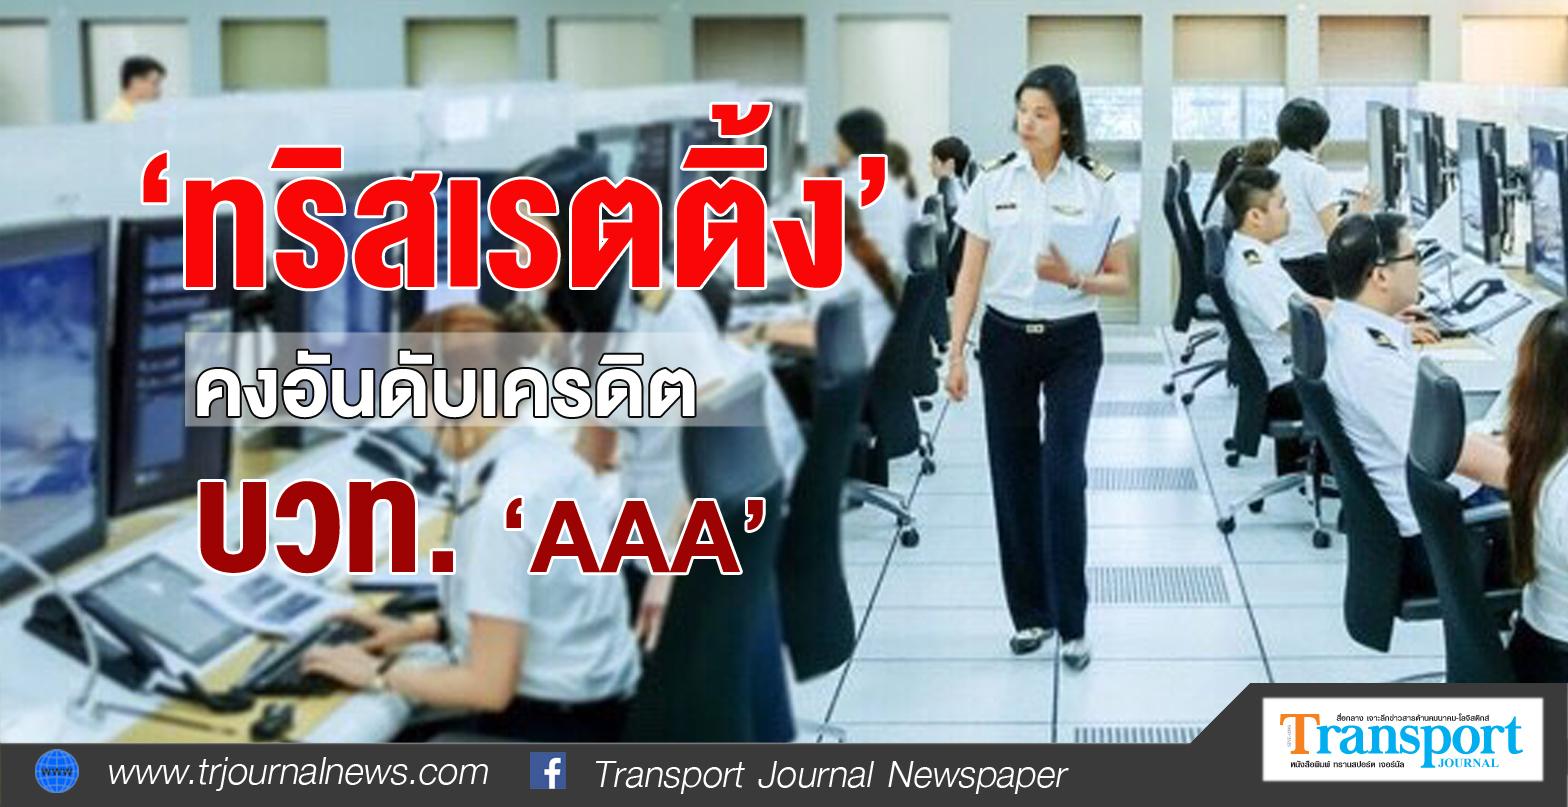 'ทริสเรทติ้ง' จัดอันดับเครดิต 'วิทยุการบินฯ' คงเดิมที่ระดับสูงสุด 'AAA'